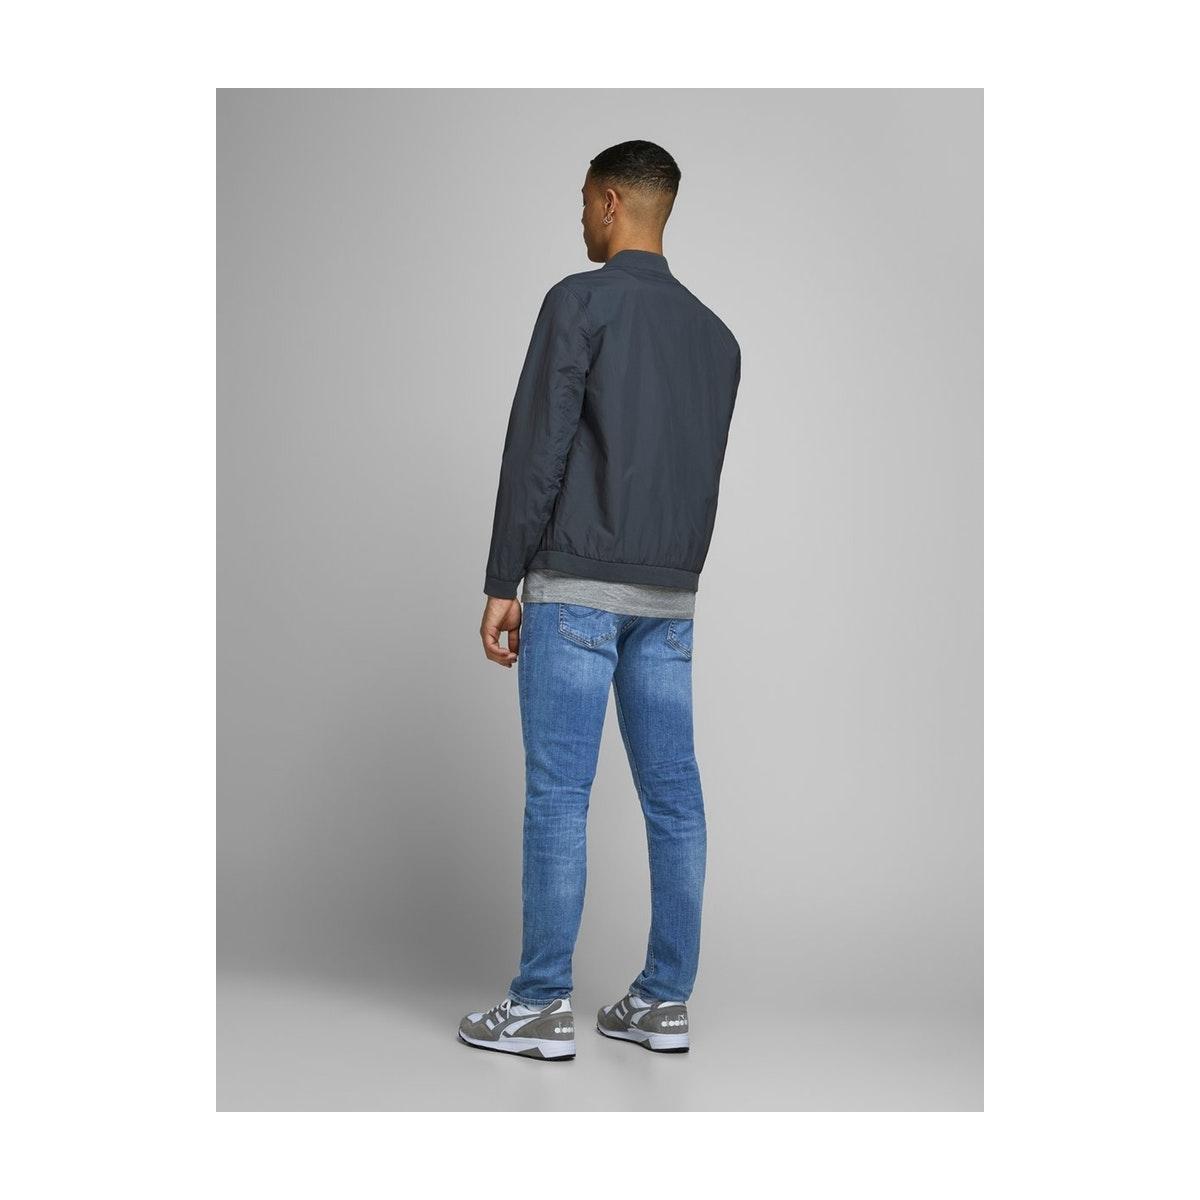 jjitim jjoriginal  am 781 50sps noos 12146866 jack & jones jeans blue denim